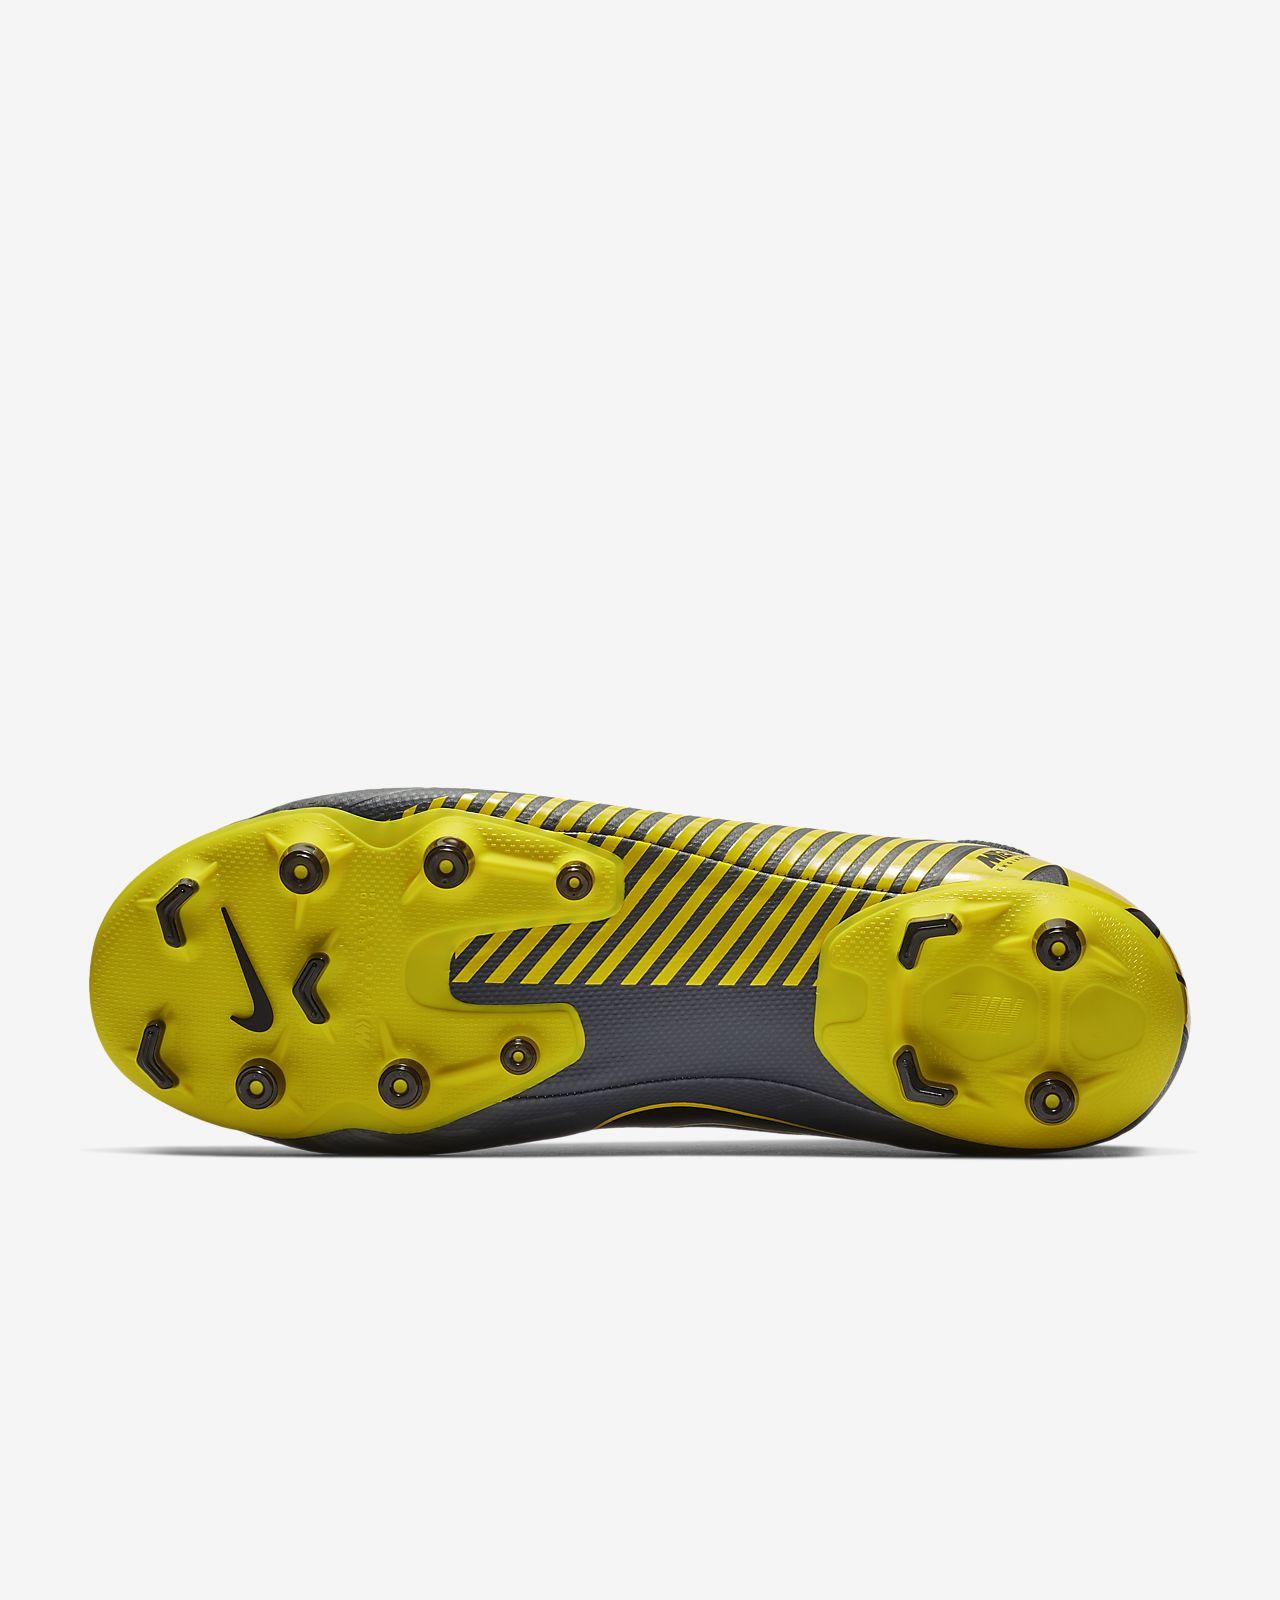 best sneakers fbd47 b9b82 ... Fotbollssko för varierat underlag Nike Mercurial Superfly 6 Academy MG  för män